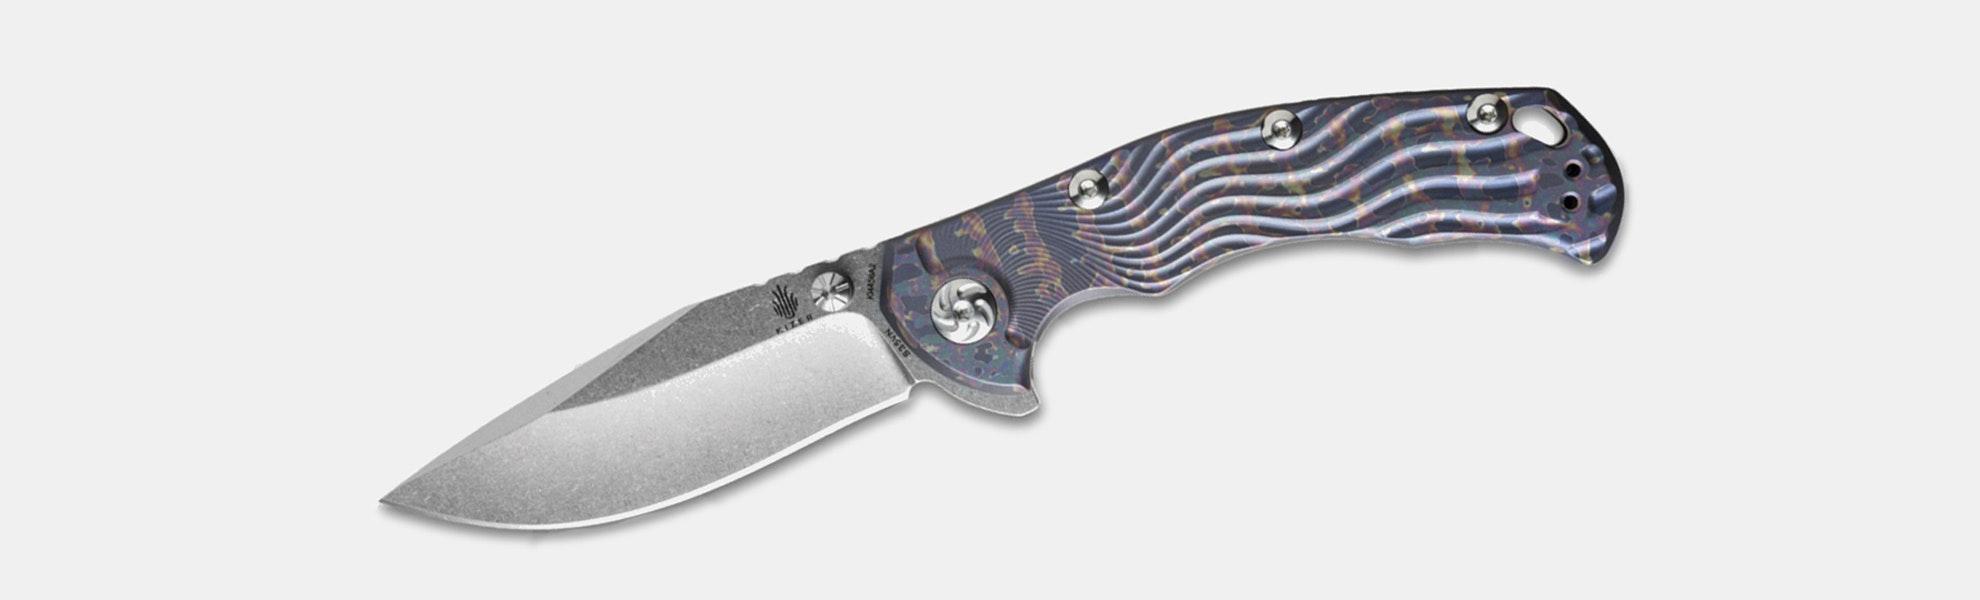 Kizer Ki4456A1 River Cat Frame Lock Knife